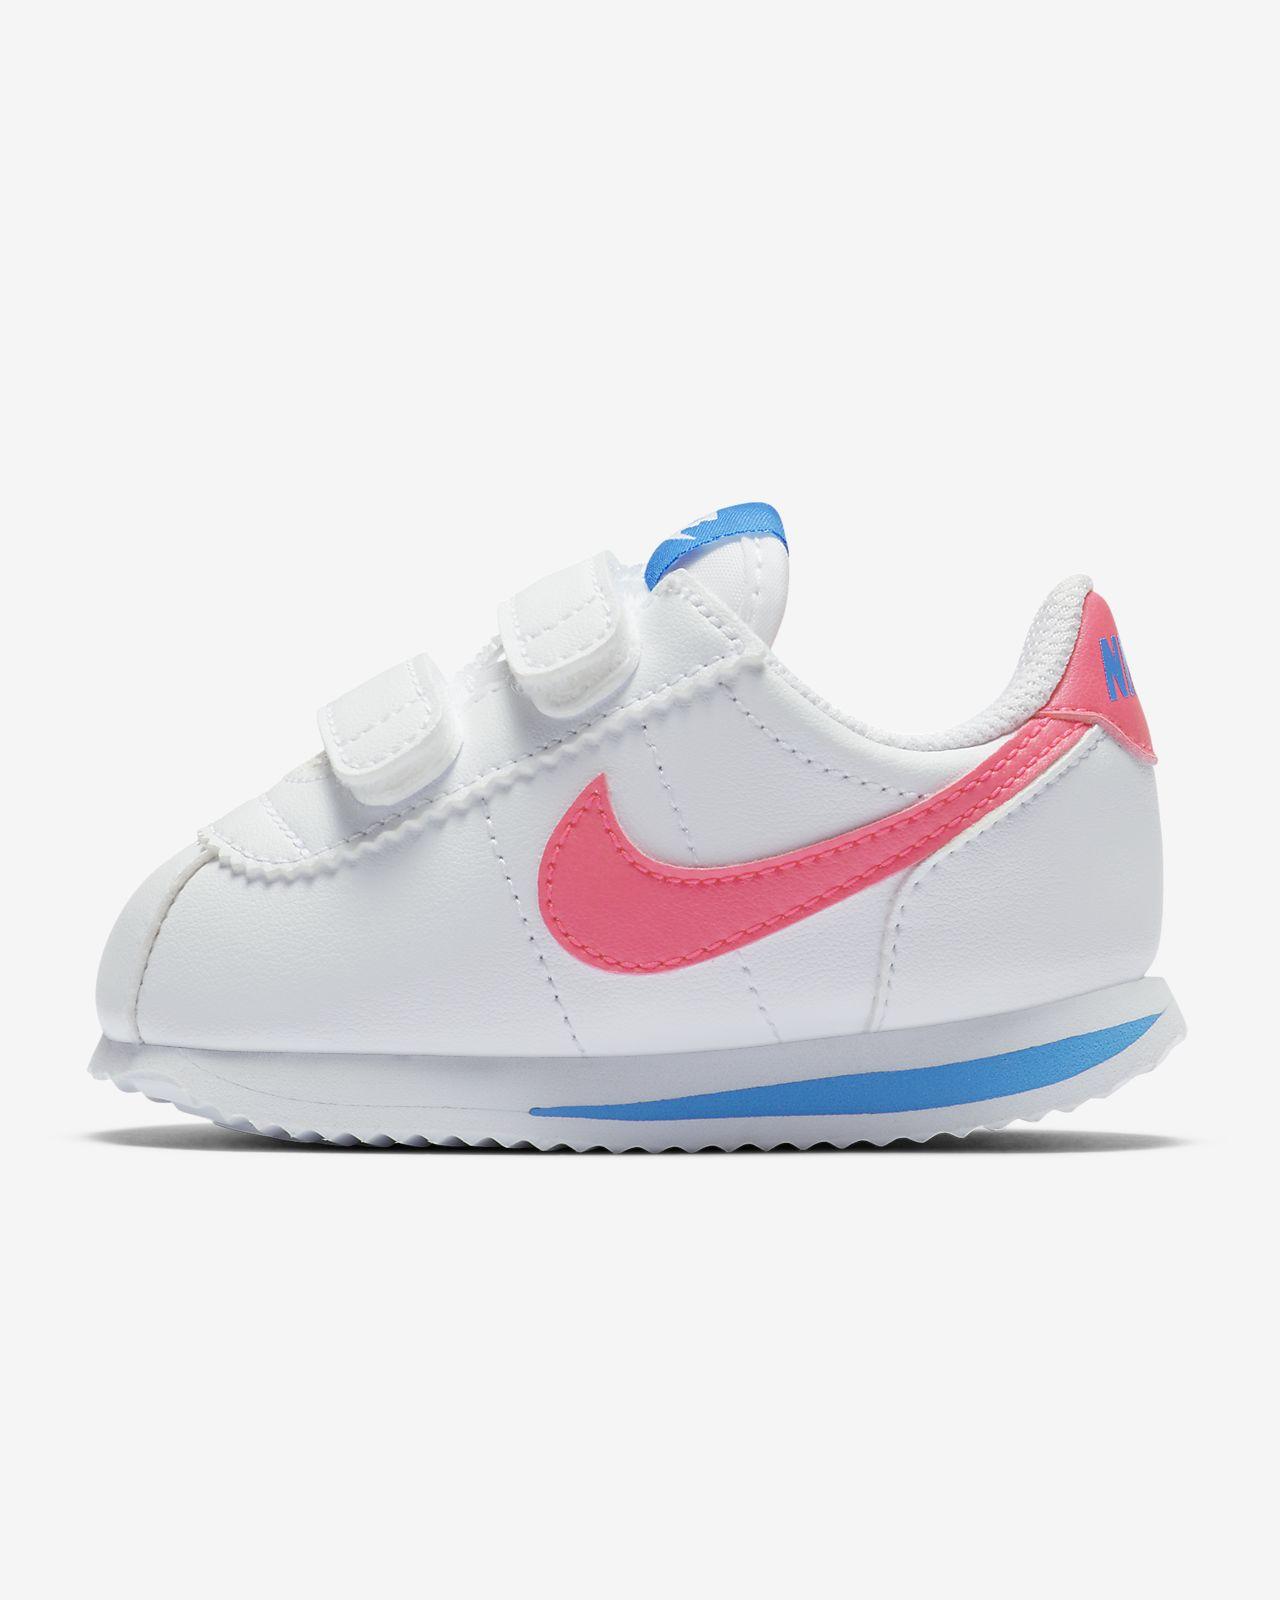 รองเท้าทารก/เด็กวัยหัดเดิน Nike Cortez Basic